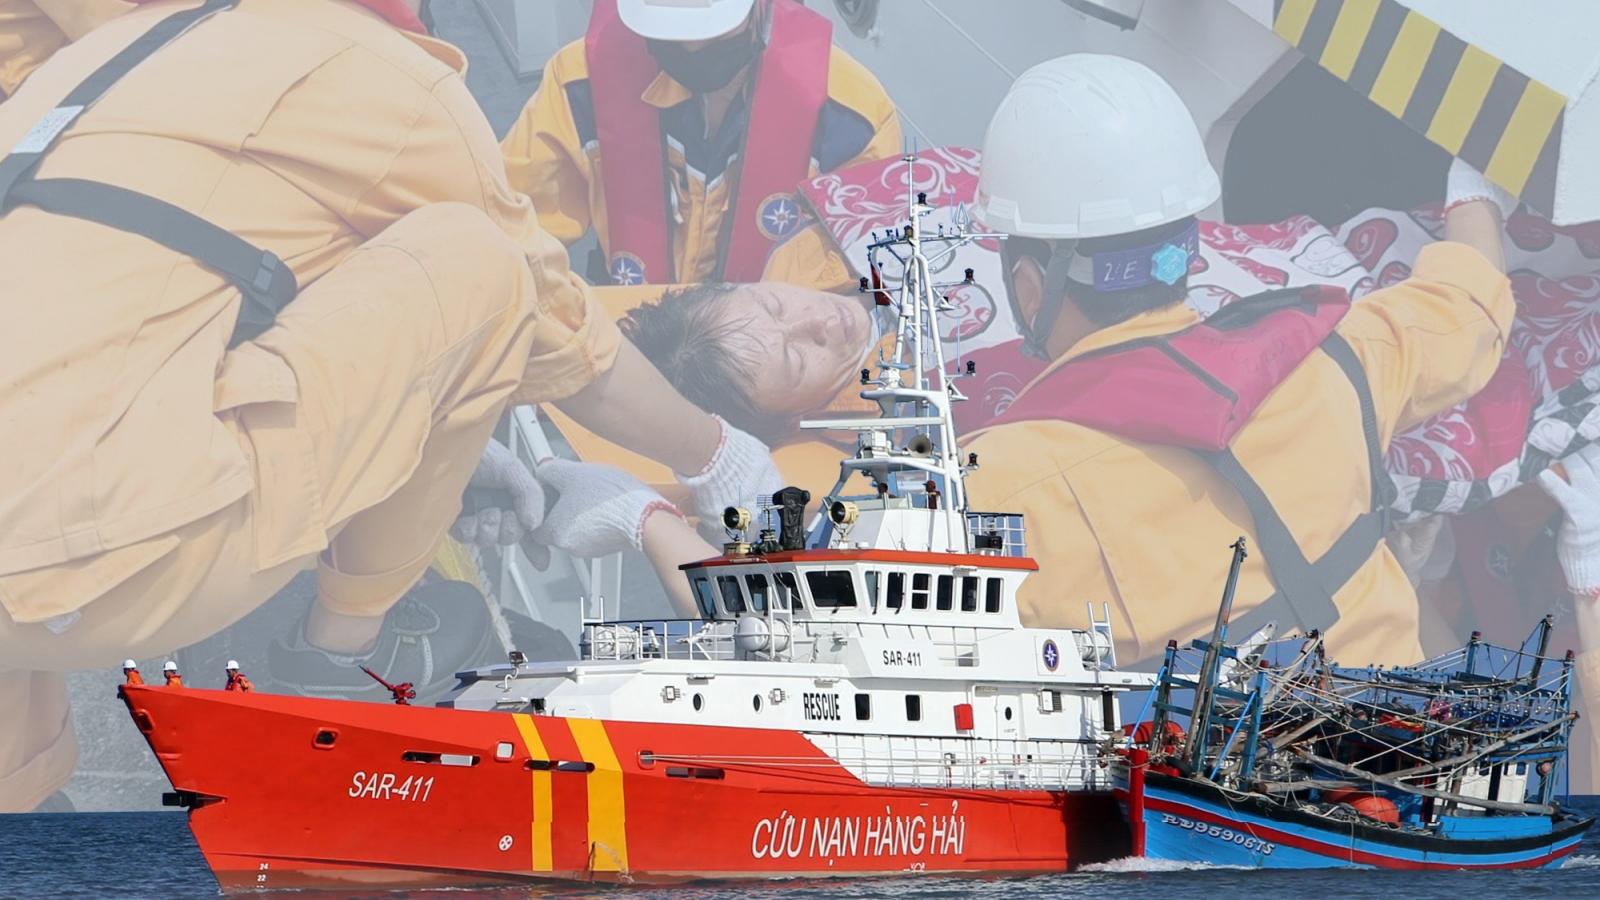 Chuyện những người vượt biển đi cứu người